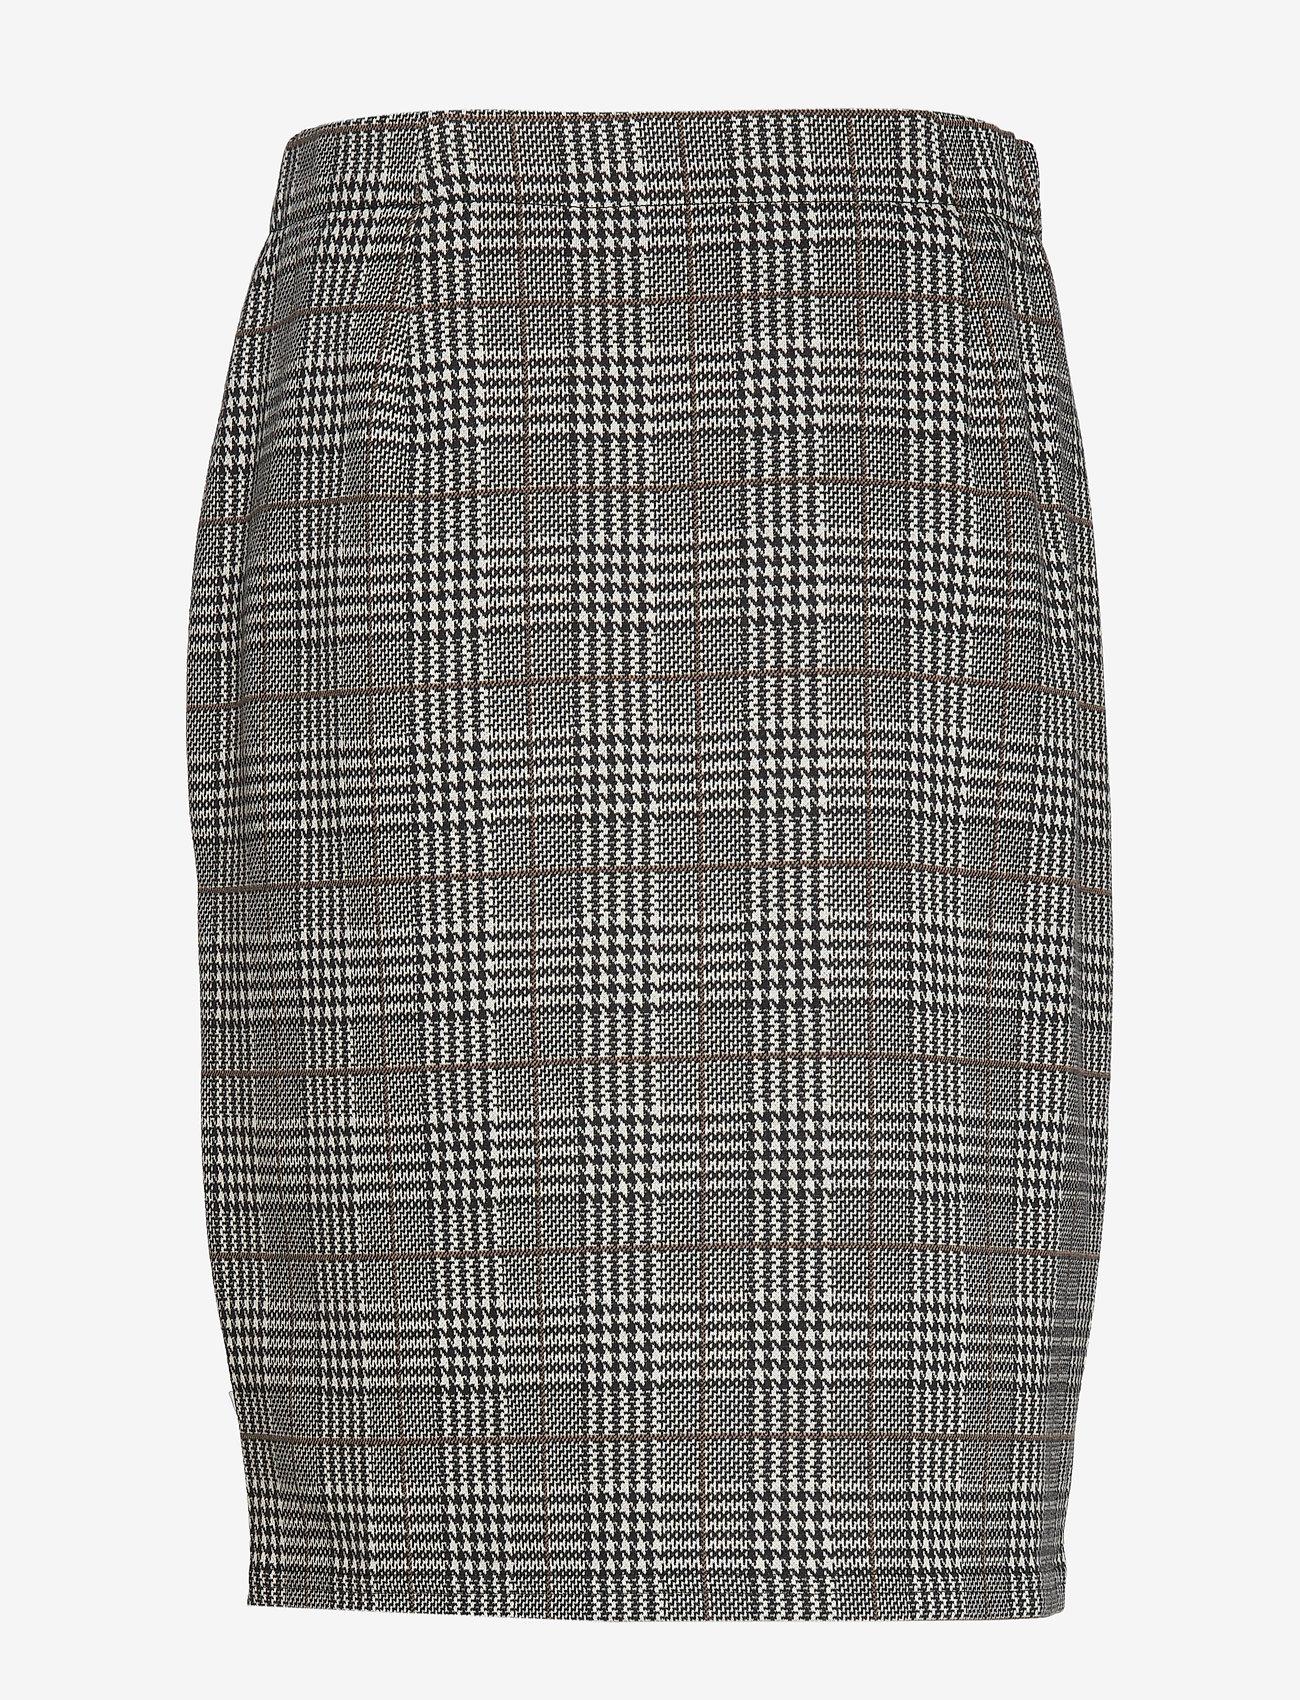 Skirt Short Woven Fa (Black/white/camel/rust) - Gerry Weber Edition L6dU1V